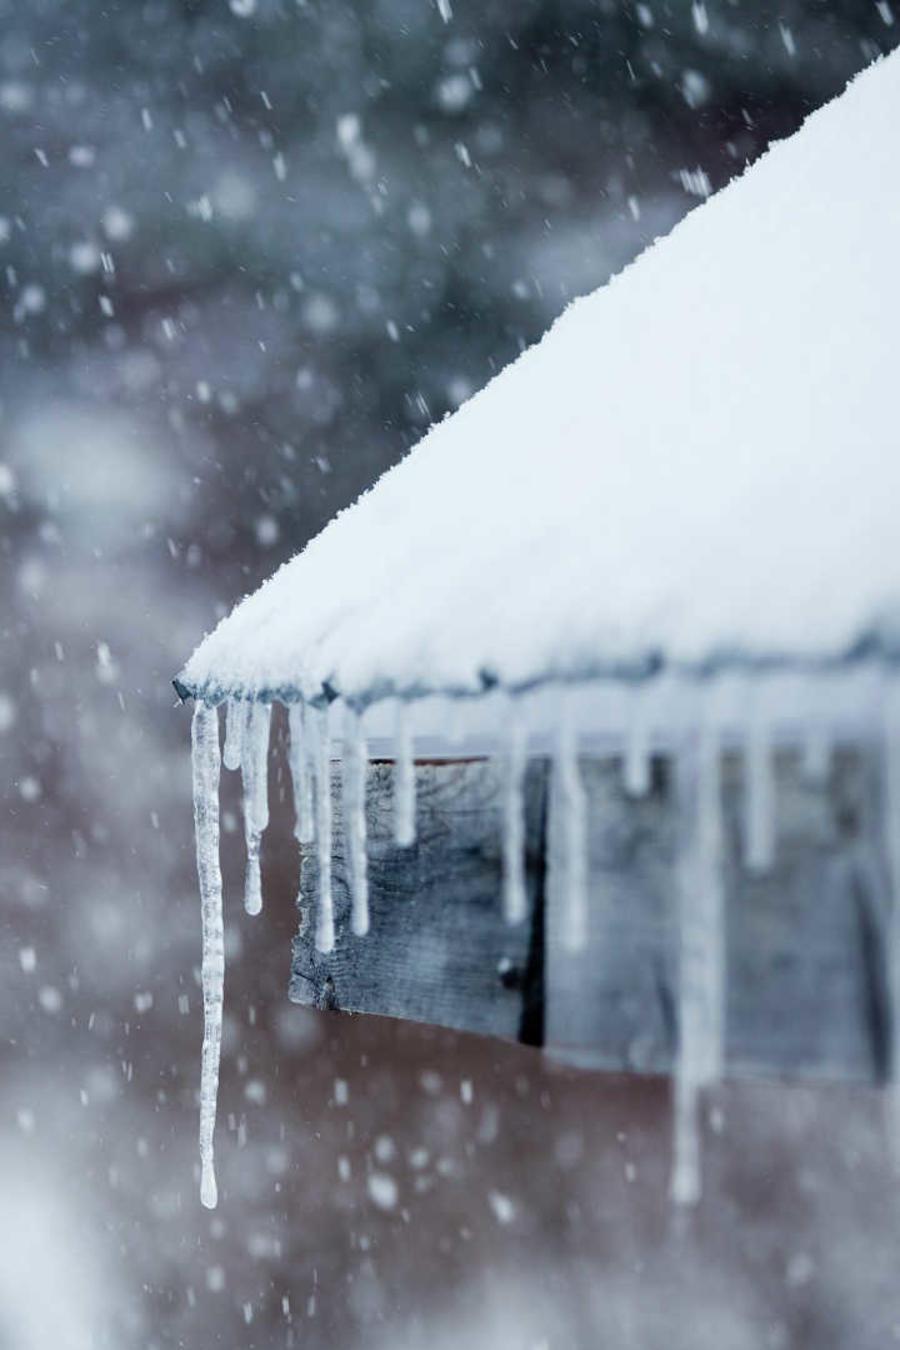 Casa con nieve y hielo por temperaturas extremas